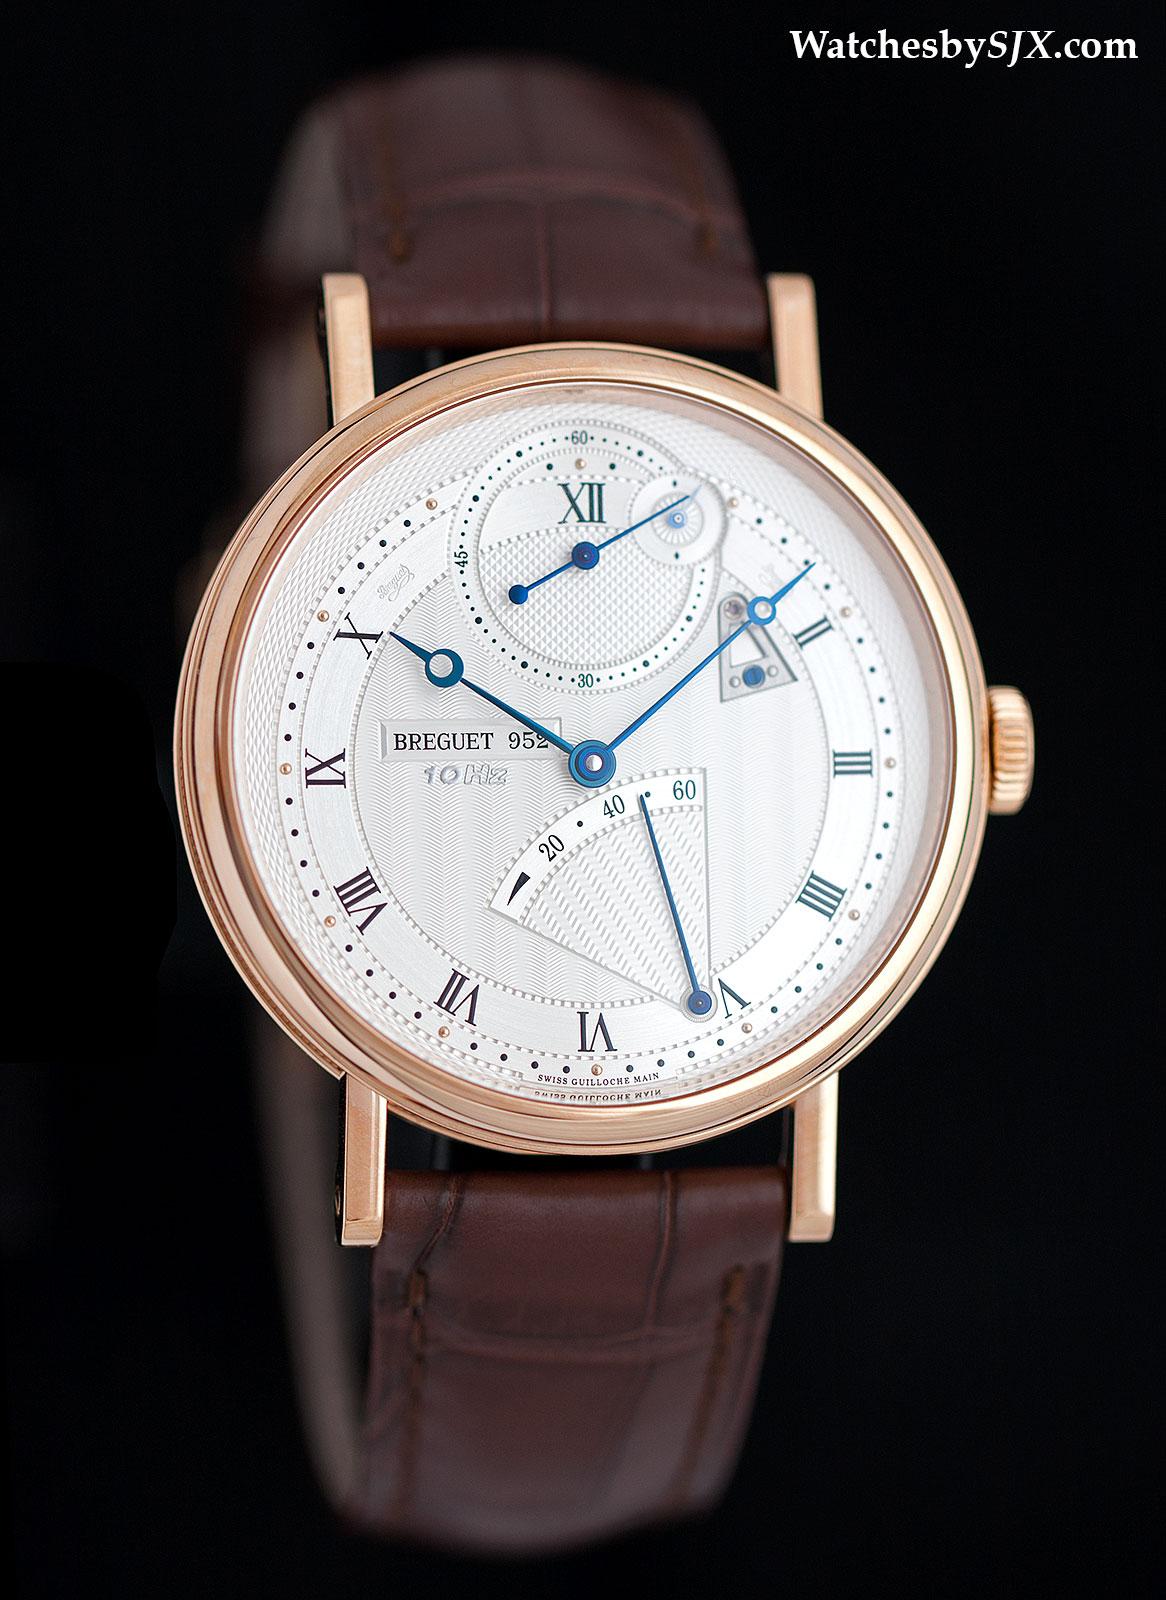 Breguet-Classique-Chronometrie-7727-10-Hz-1